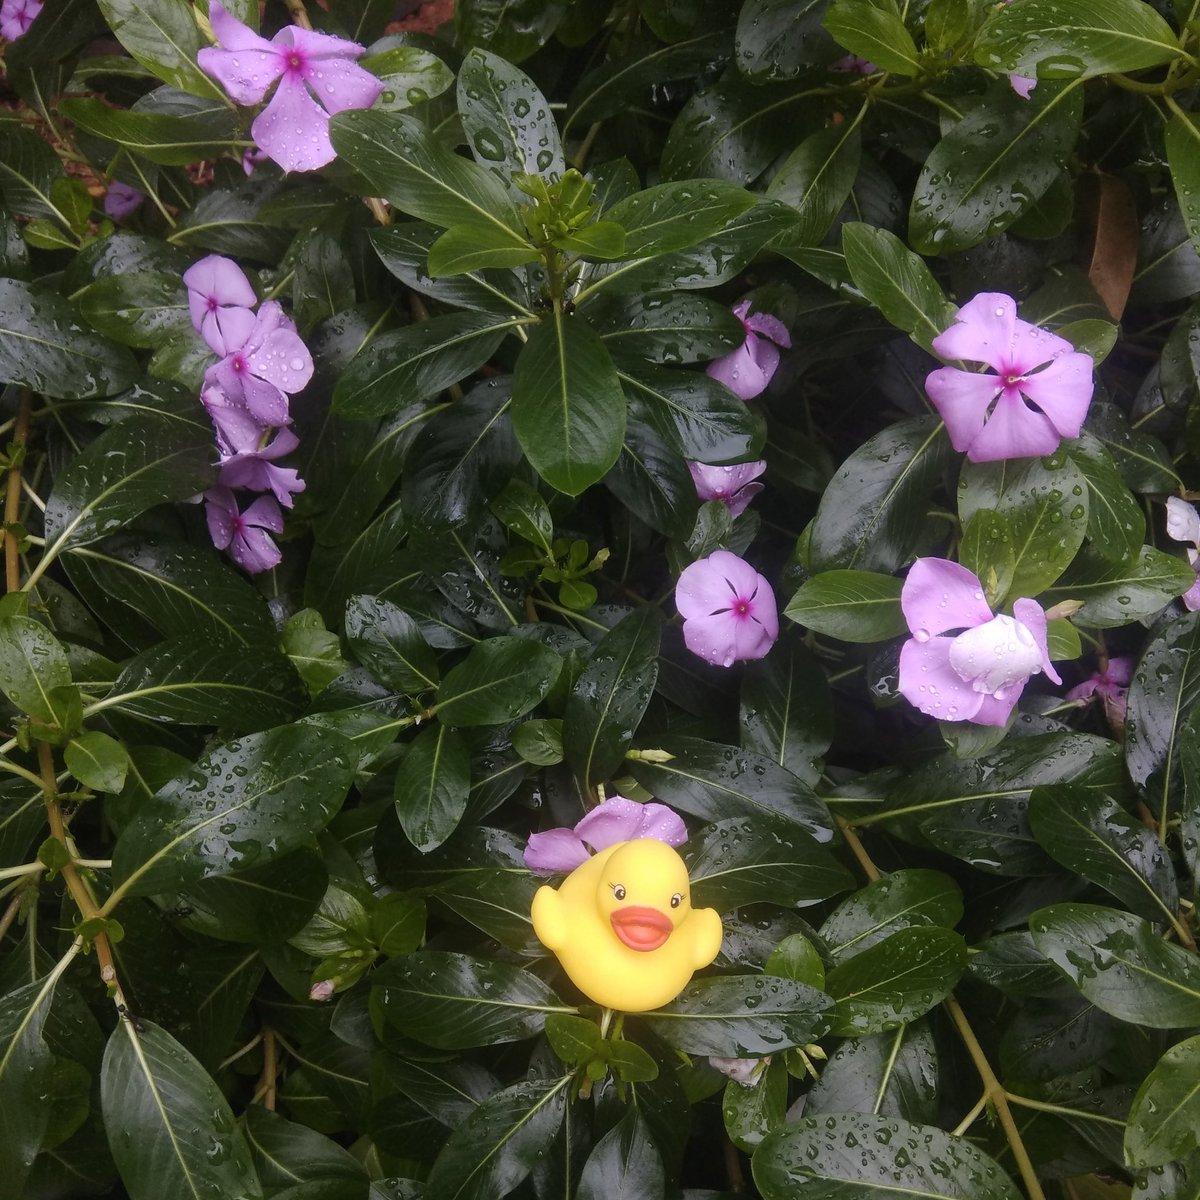 #Flowerpower weekend.   #BLR #BengaluruRains #cubbonpark #bengaluru #weekendvibes #wanderingquacks https://t.co/DJavAbClsn